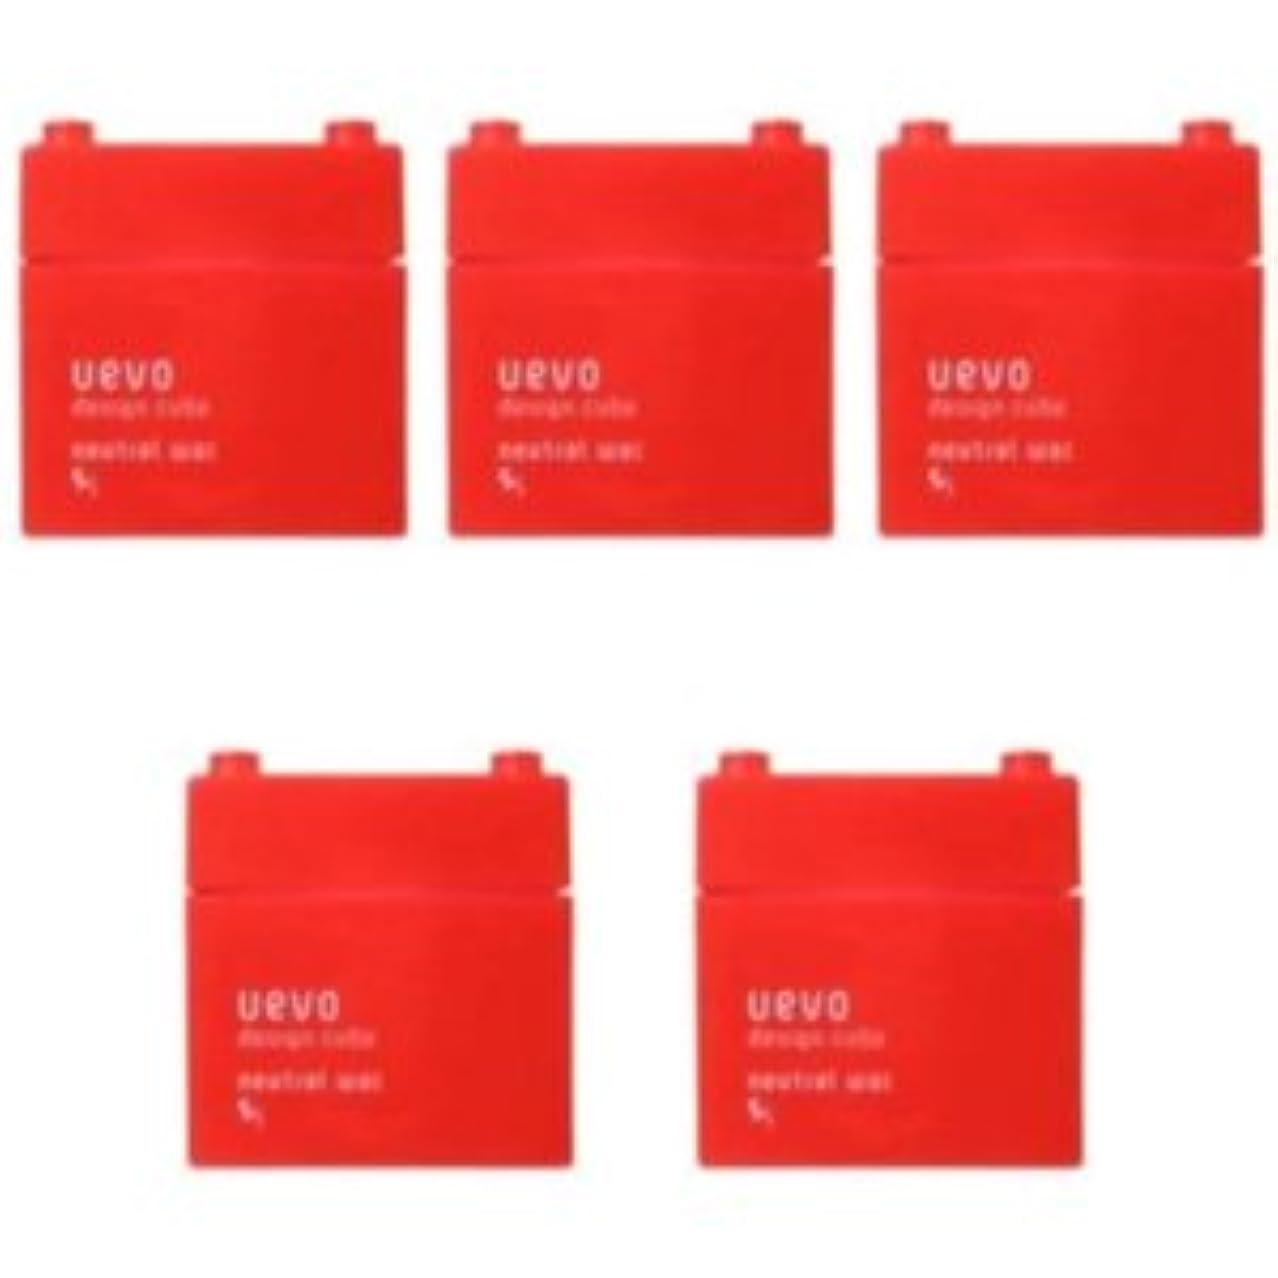 扱いやすい土器笑【X5個セット】 デミ ウェーボ デザインキューブ ニュートラルワックス 80g neutral wax DEMI uevo design cube